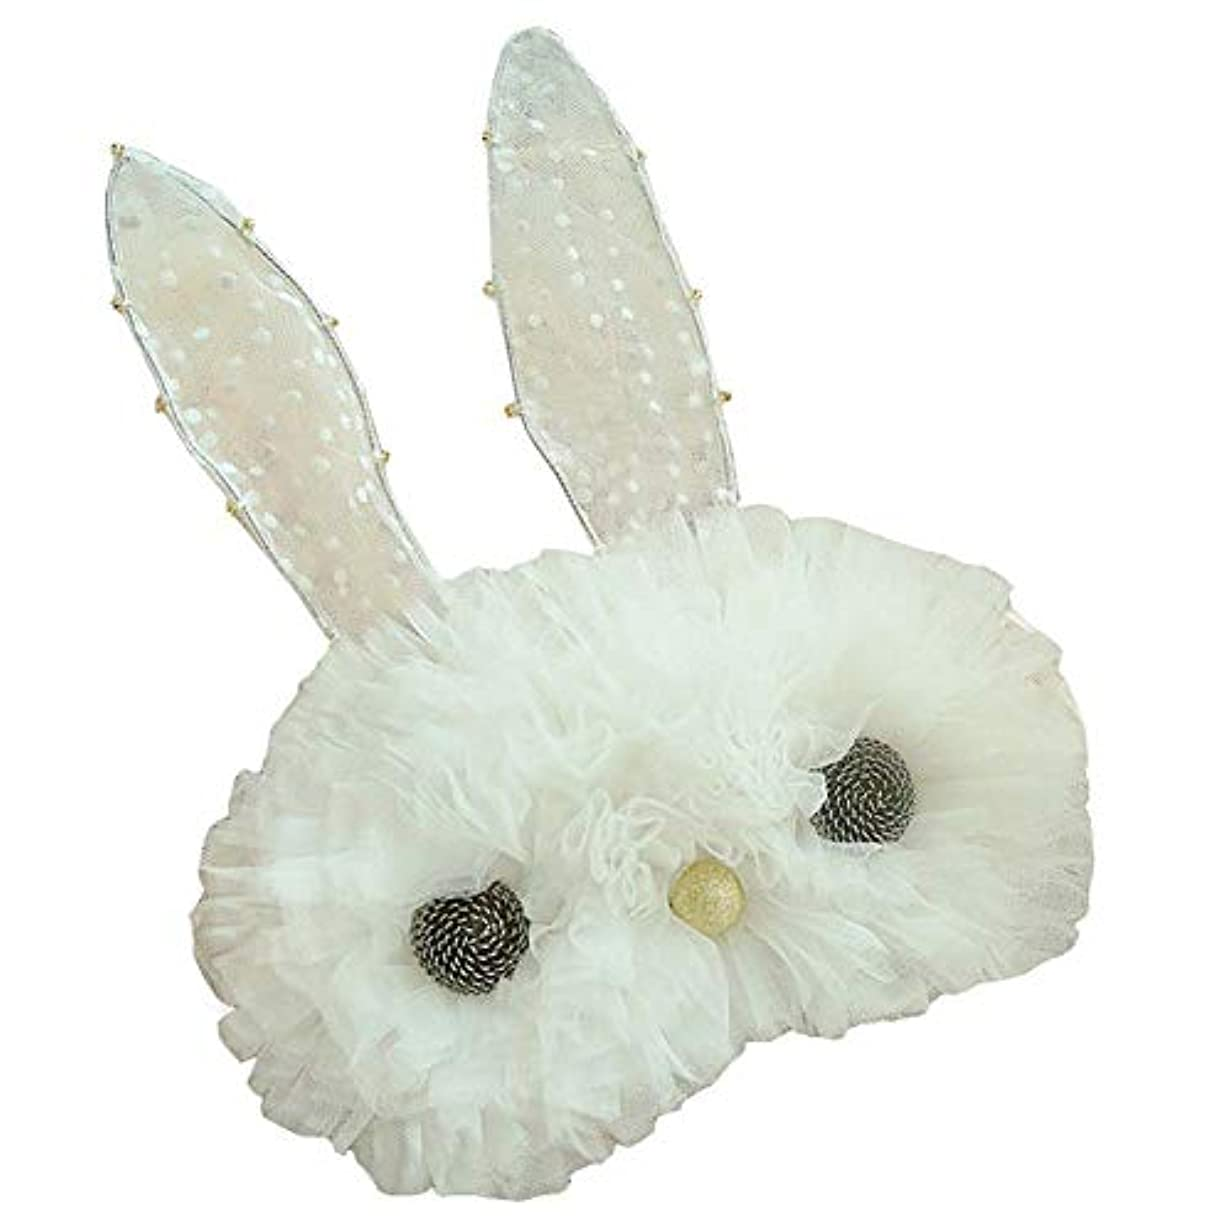 現代の検出する毎回白くかわいいウサギの睡眠の目マスクの柔らかい目隠しの睡眠のマスクの家の睡眠旅行のための目カバー